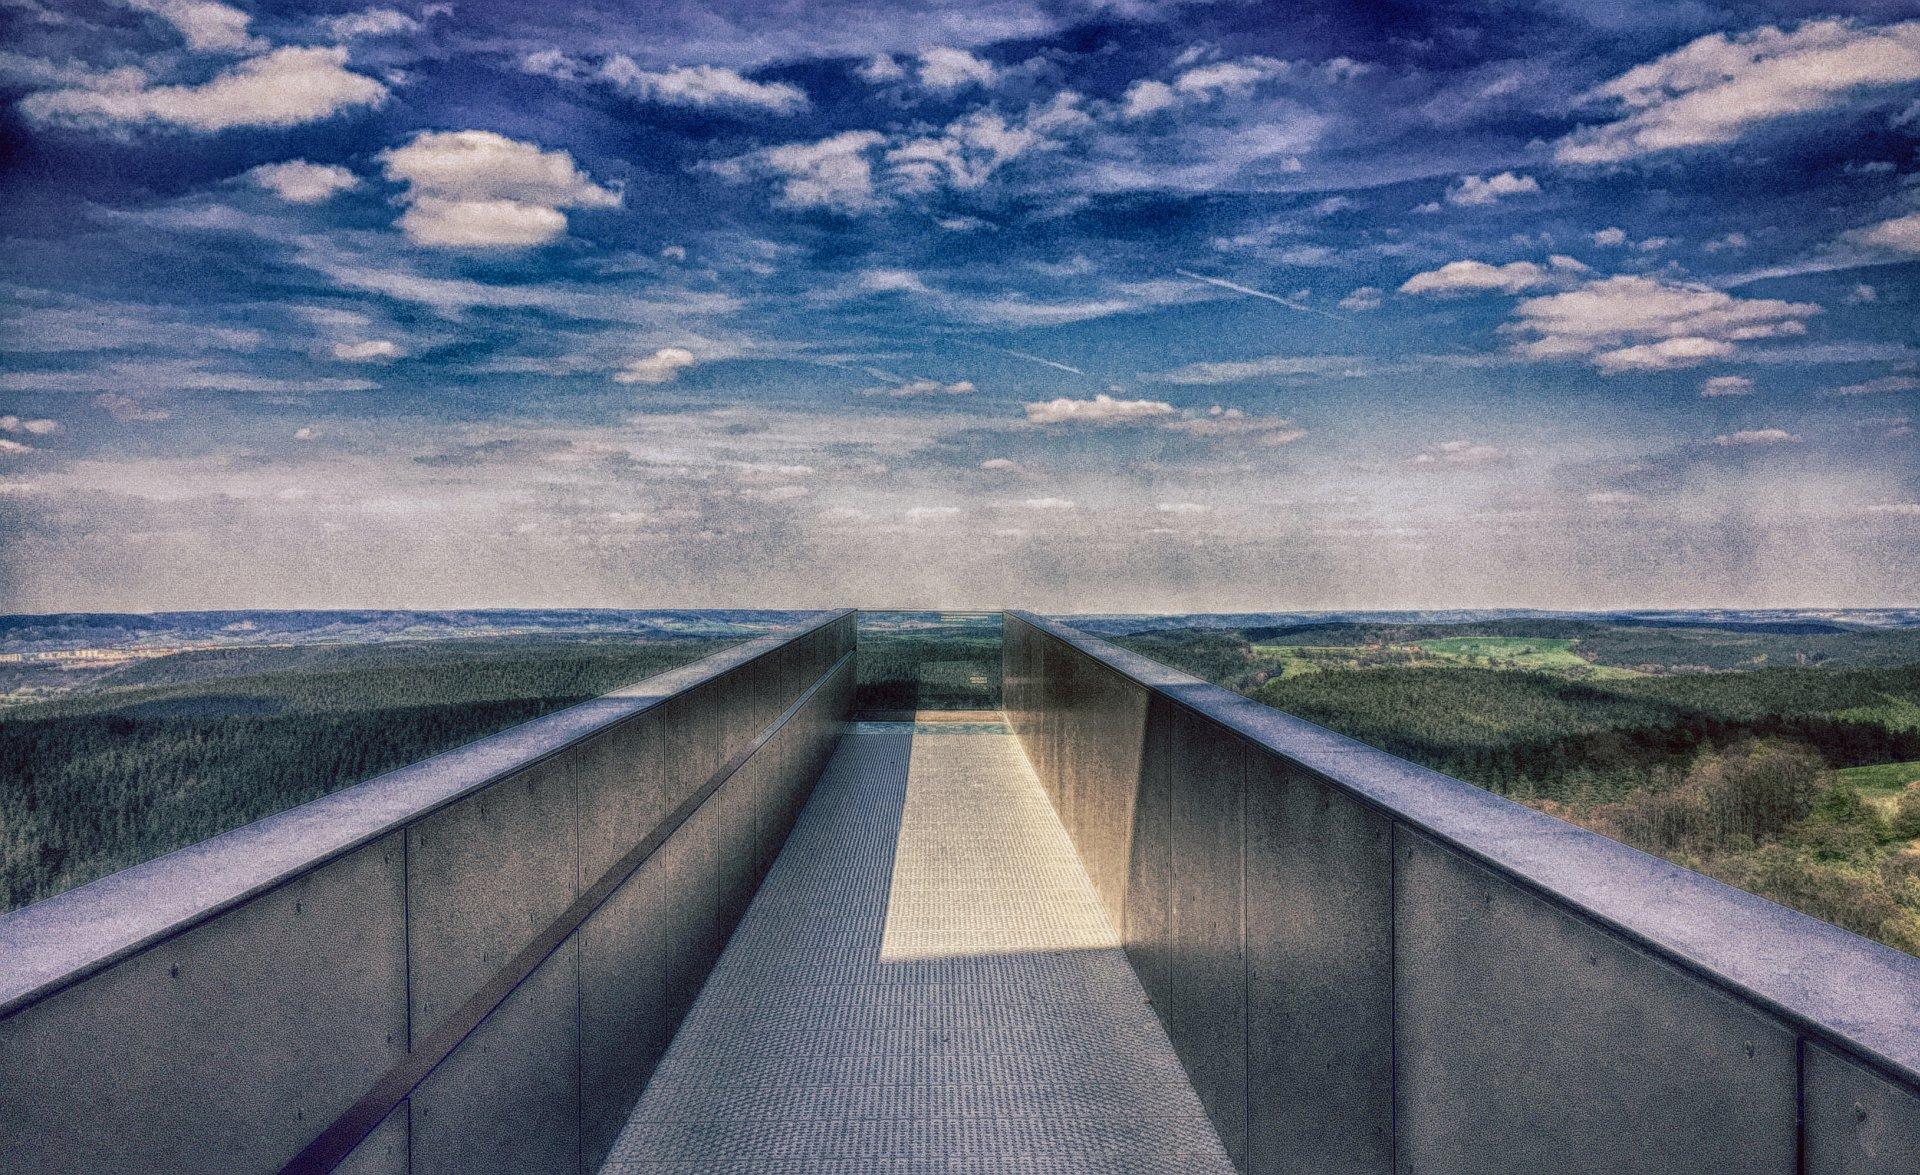 Bridge to nowhere (Leuchtenburg)